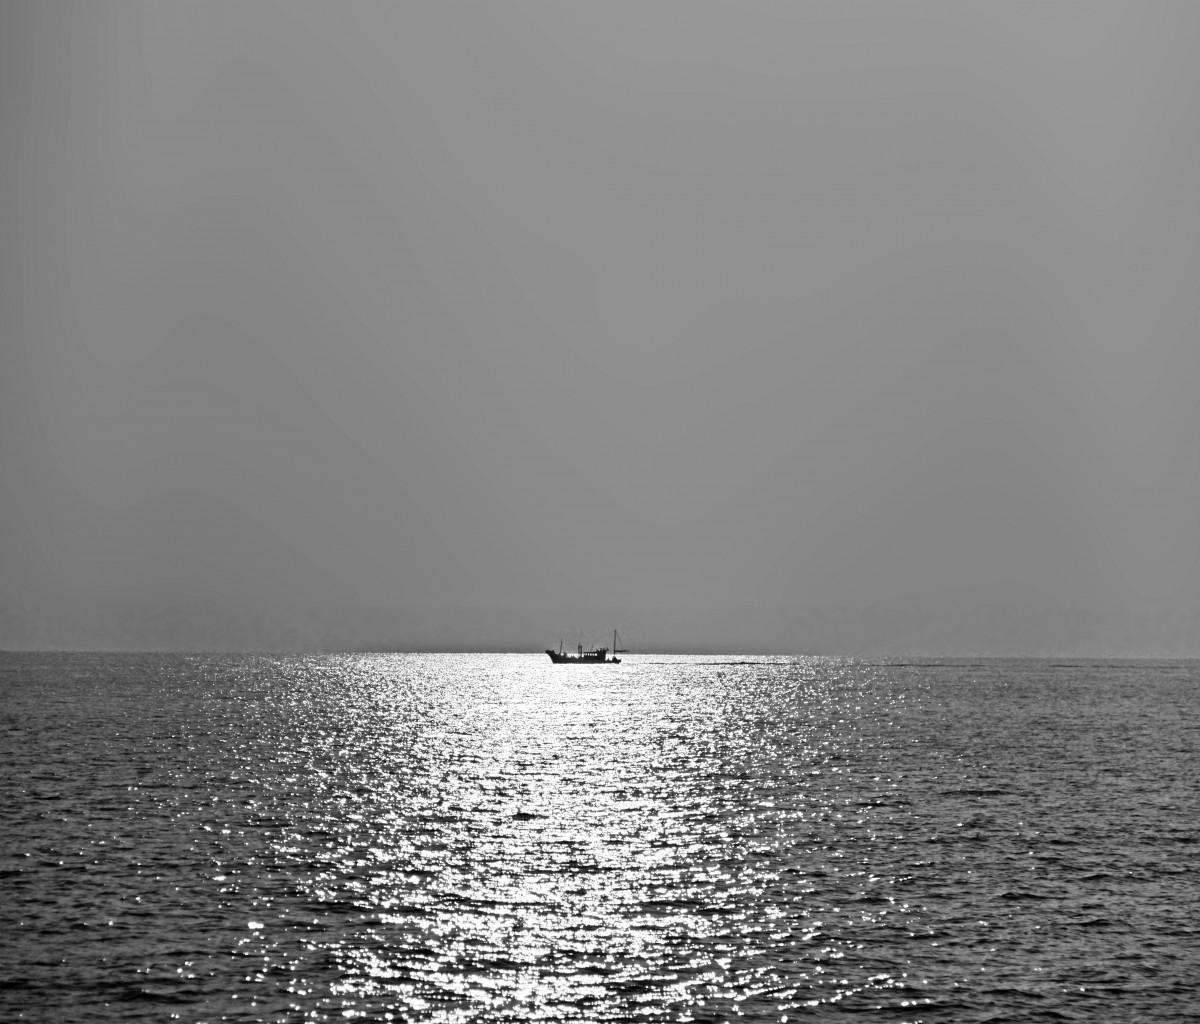 5d4c1876c more mora rybárske lode loď scenéria prírodný čierna a biela slnko Voda voda